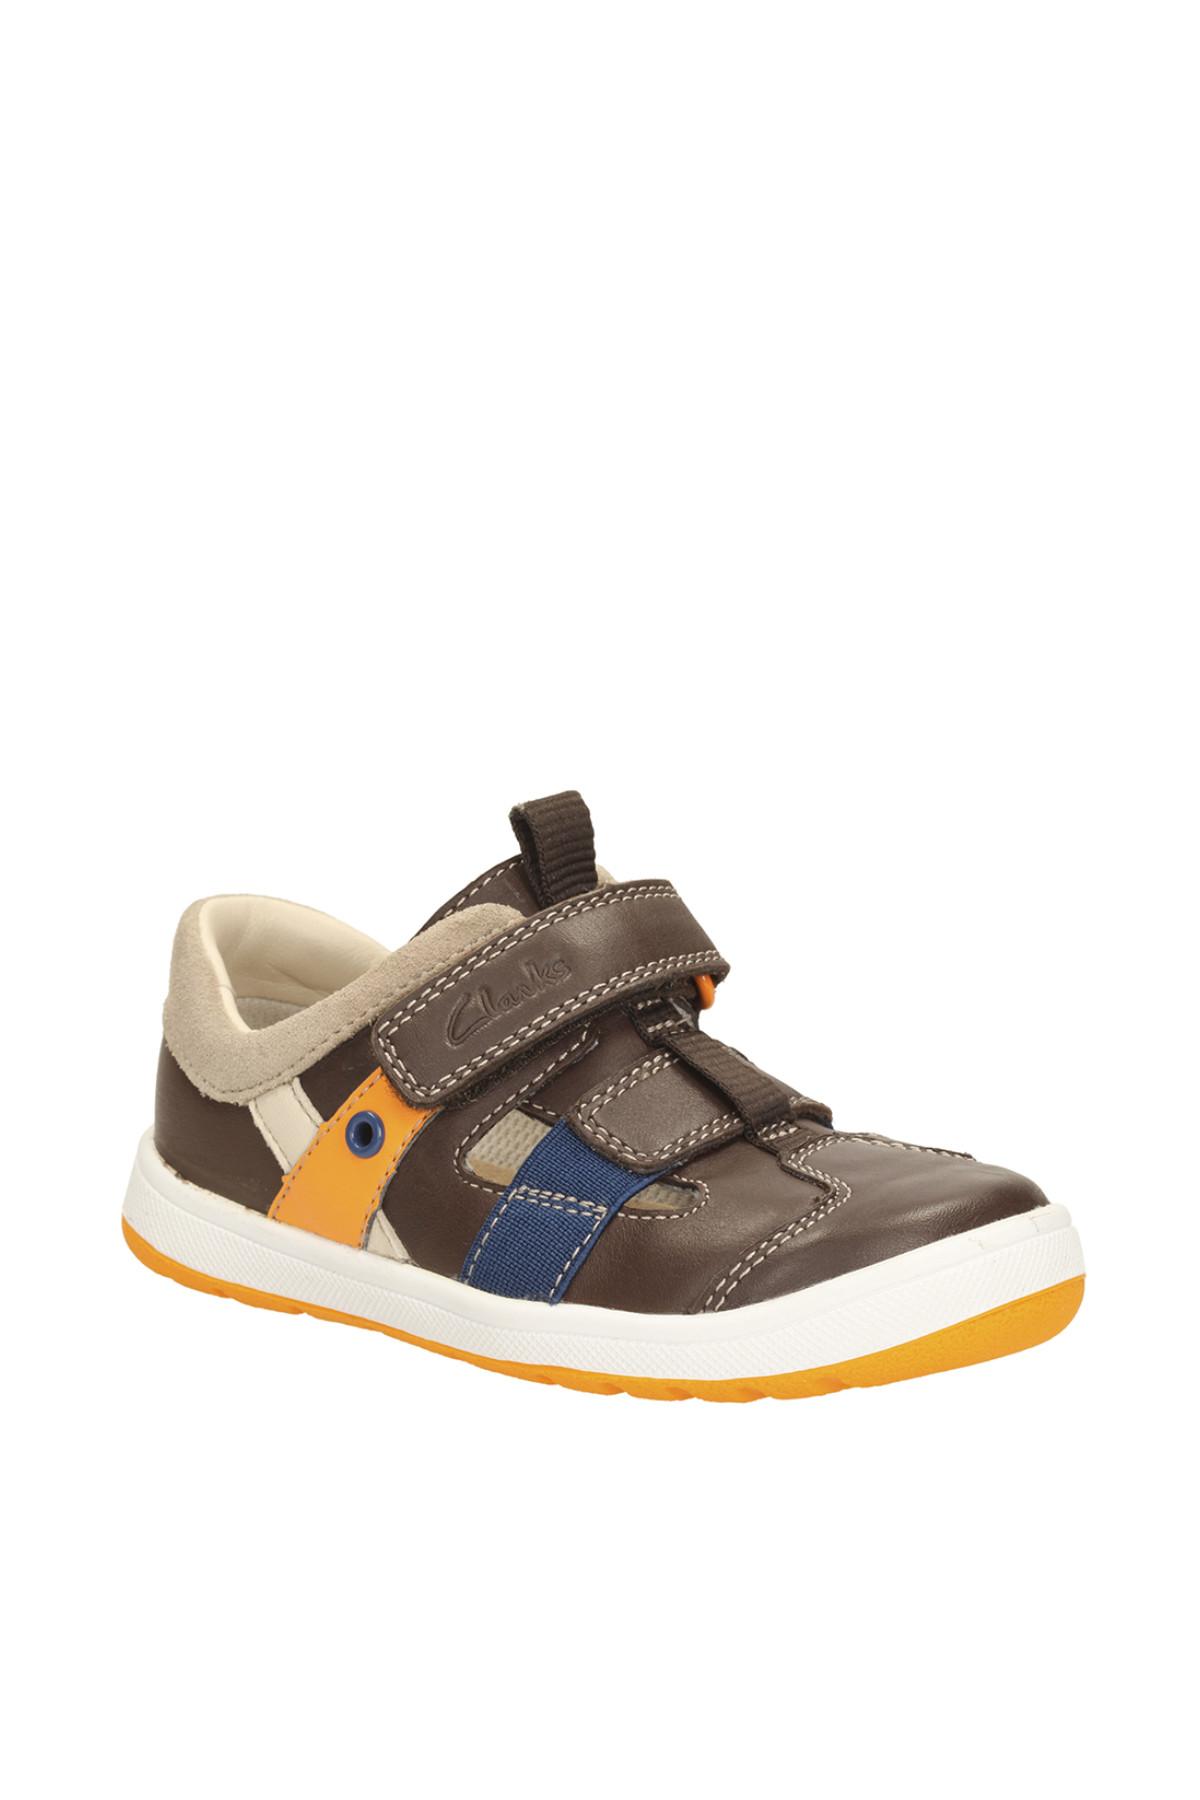 CLARKS Hakiki Deri Kahverengi Çocuk Ayakkabı 261147507 1